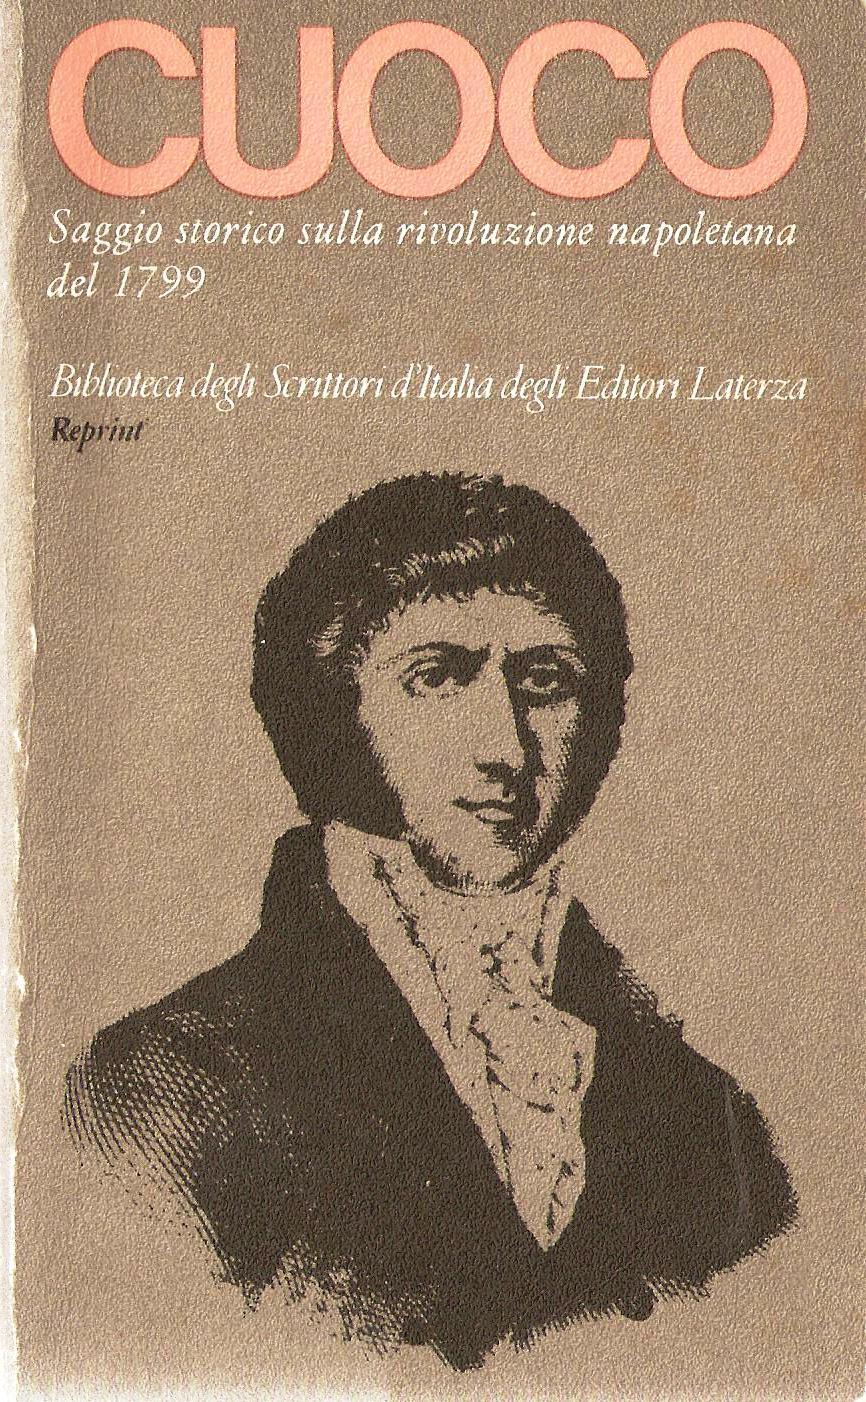 Saggio storico sulla rivoluzione napoletana del 1799